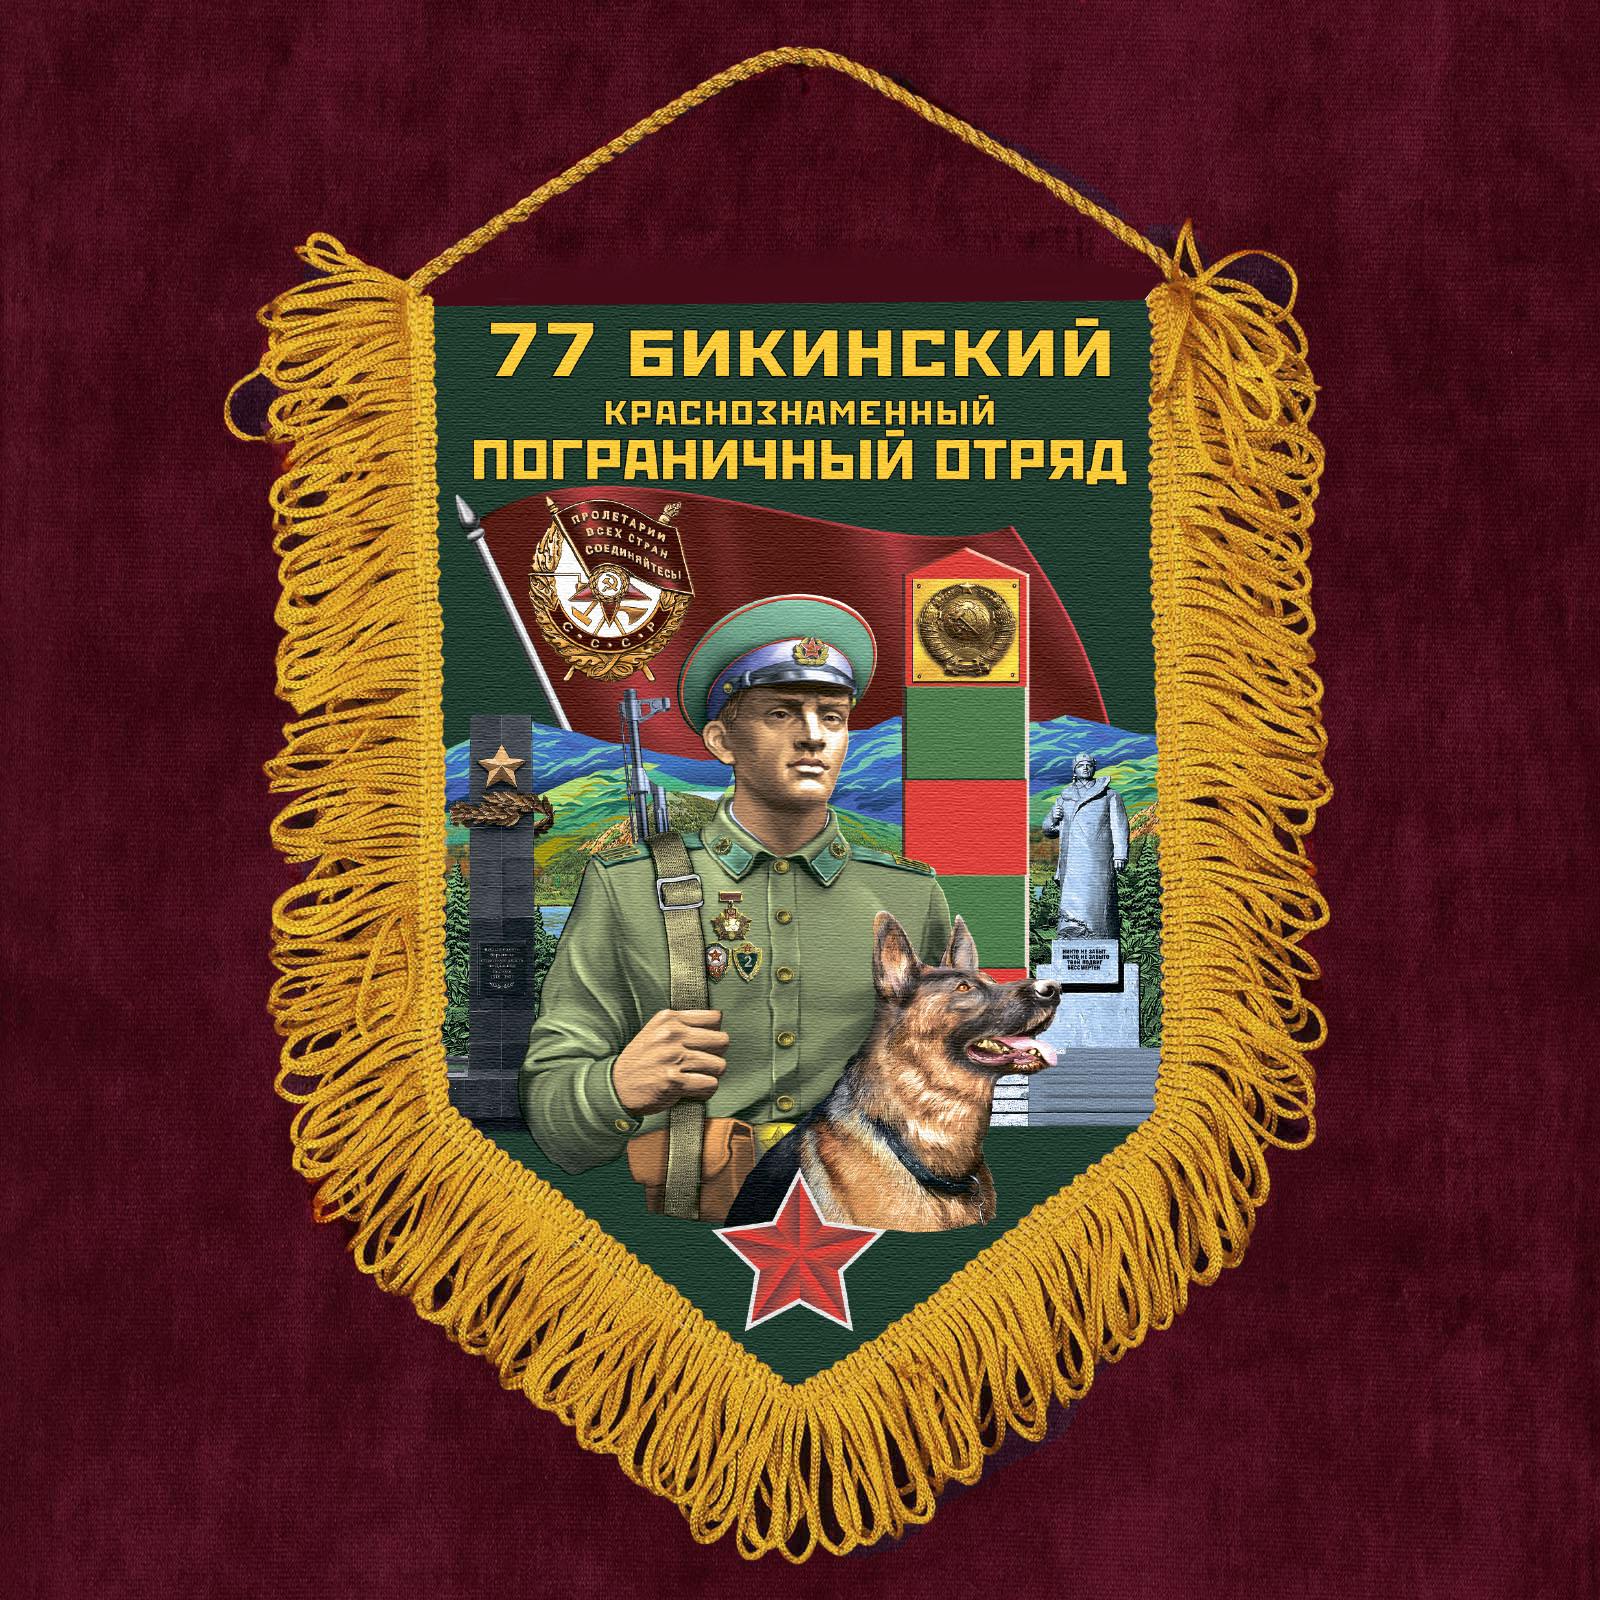 Сувенирный вымпел 77 Бикинский пограничный отряд